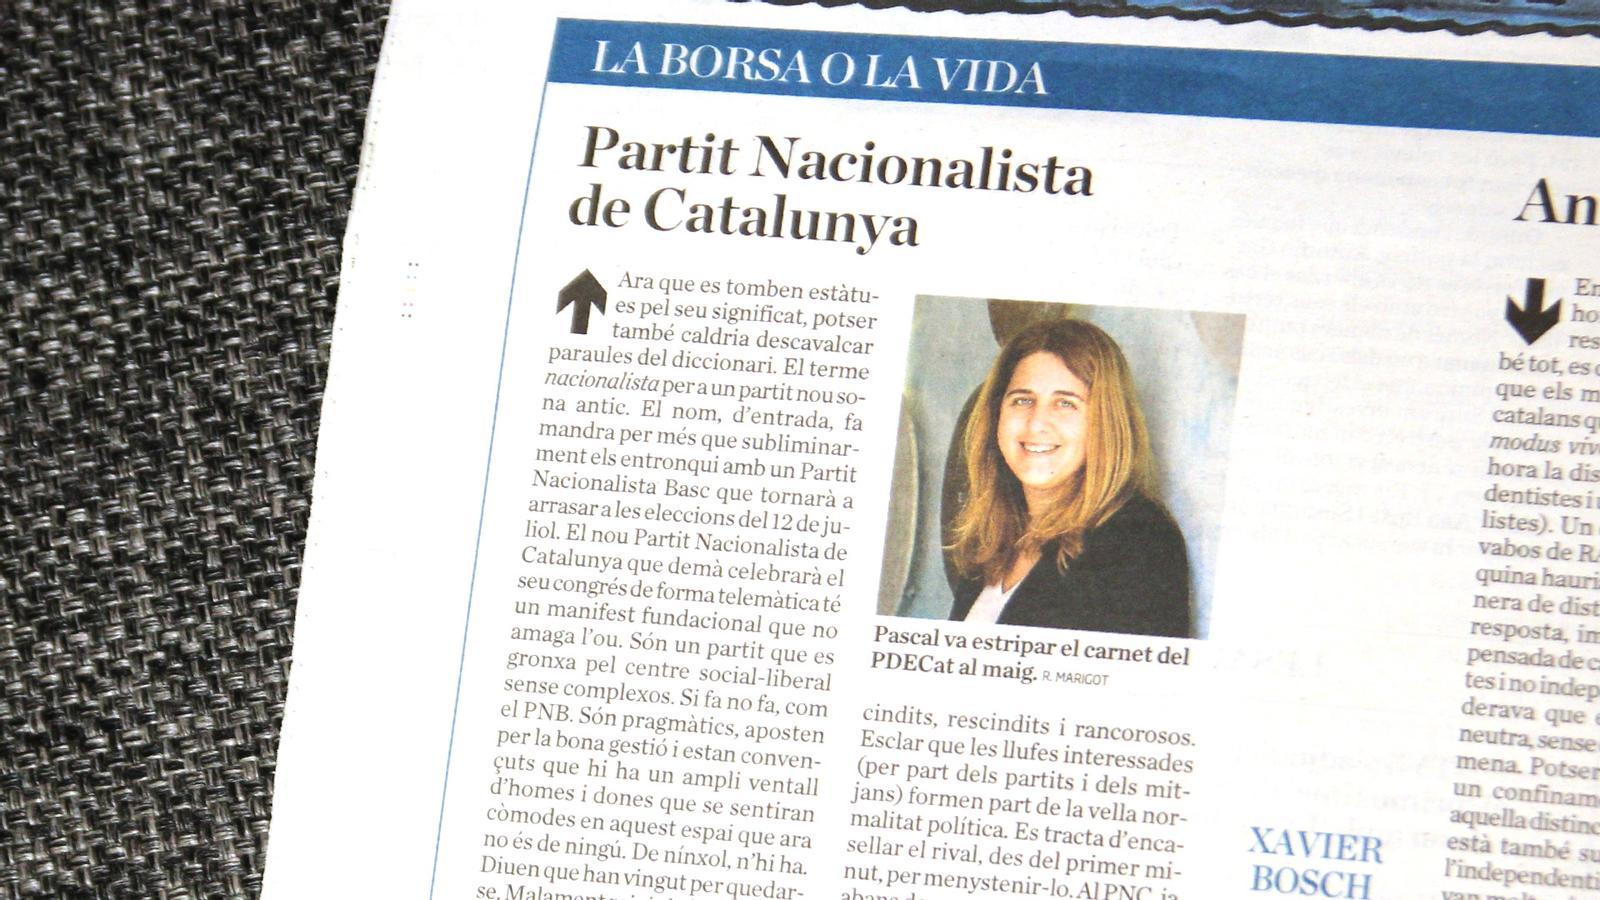 L'anàlisi d'Antoni Bassas: 'Mira que dir-ne Partit Nacionalista'